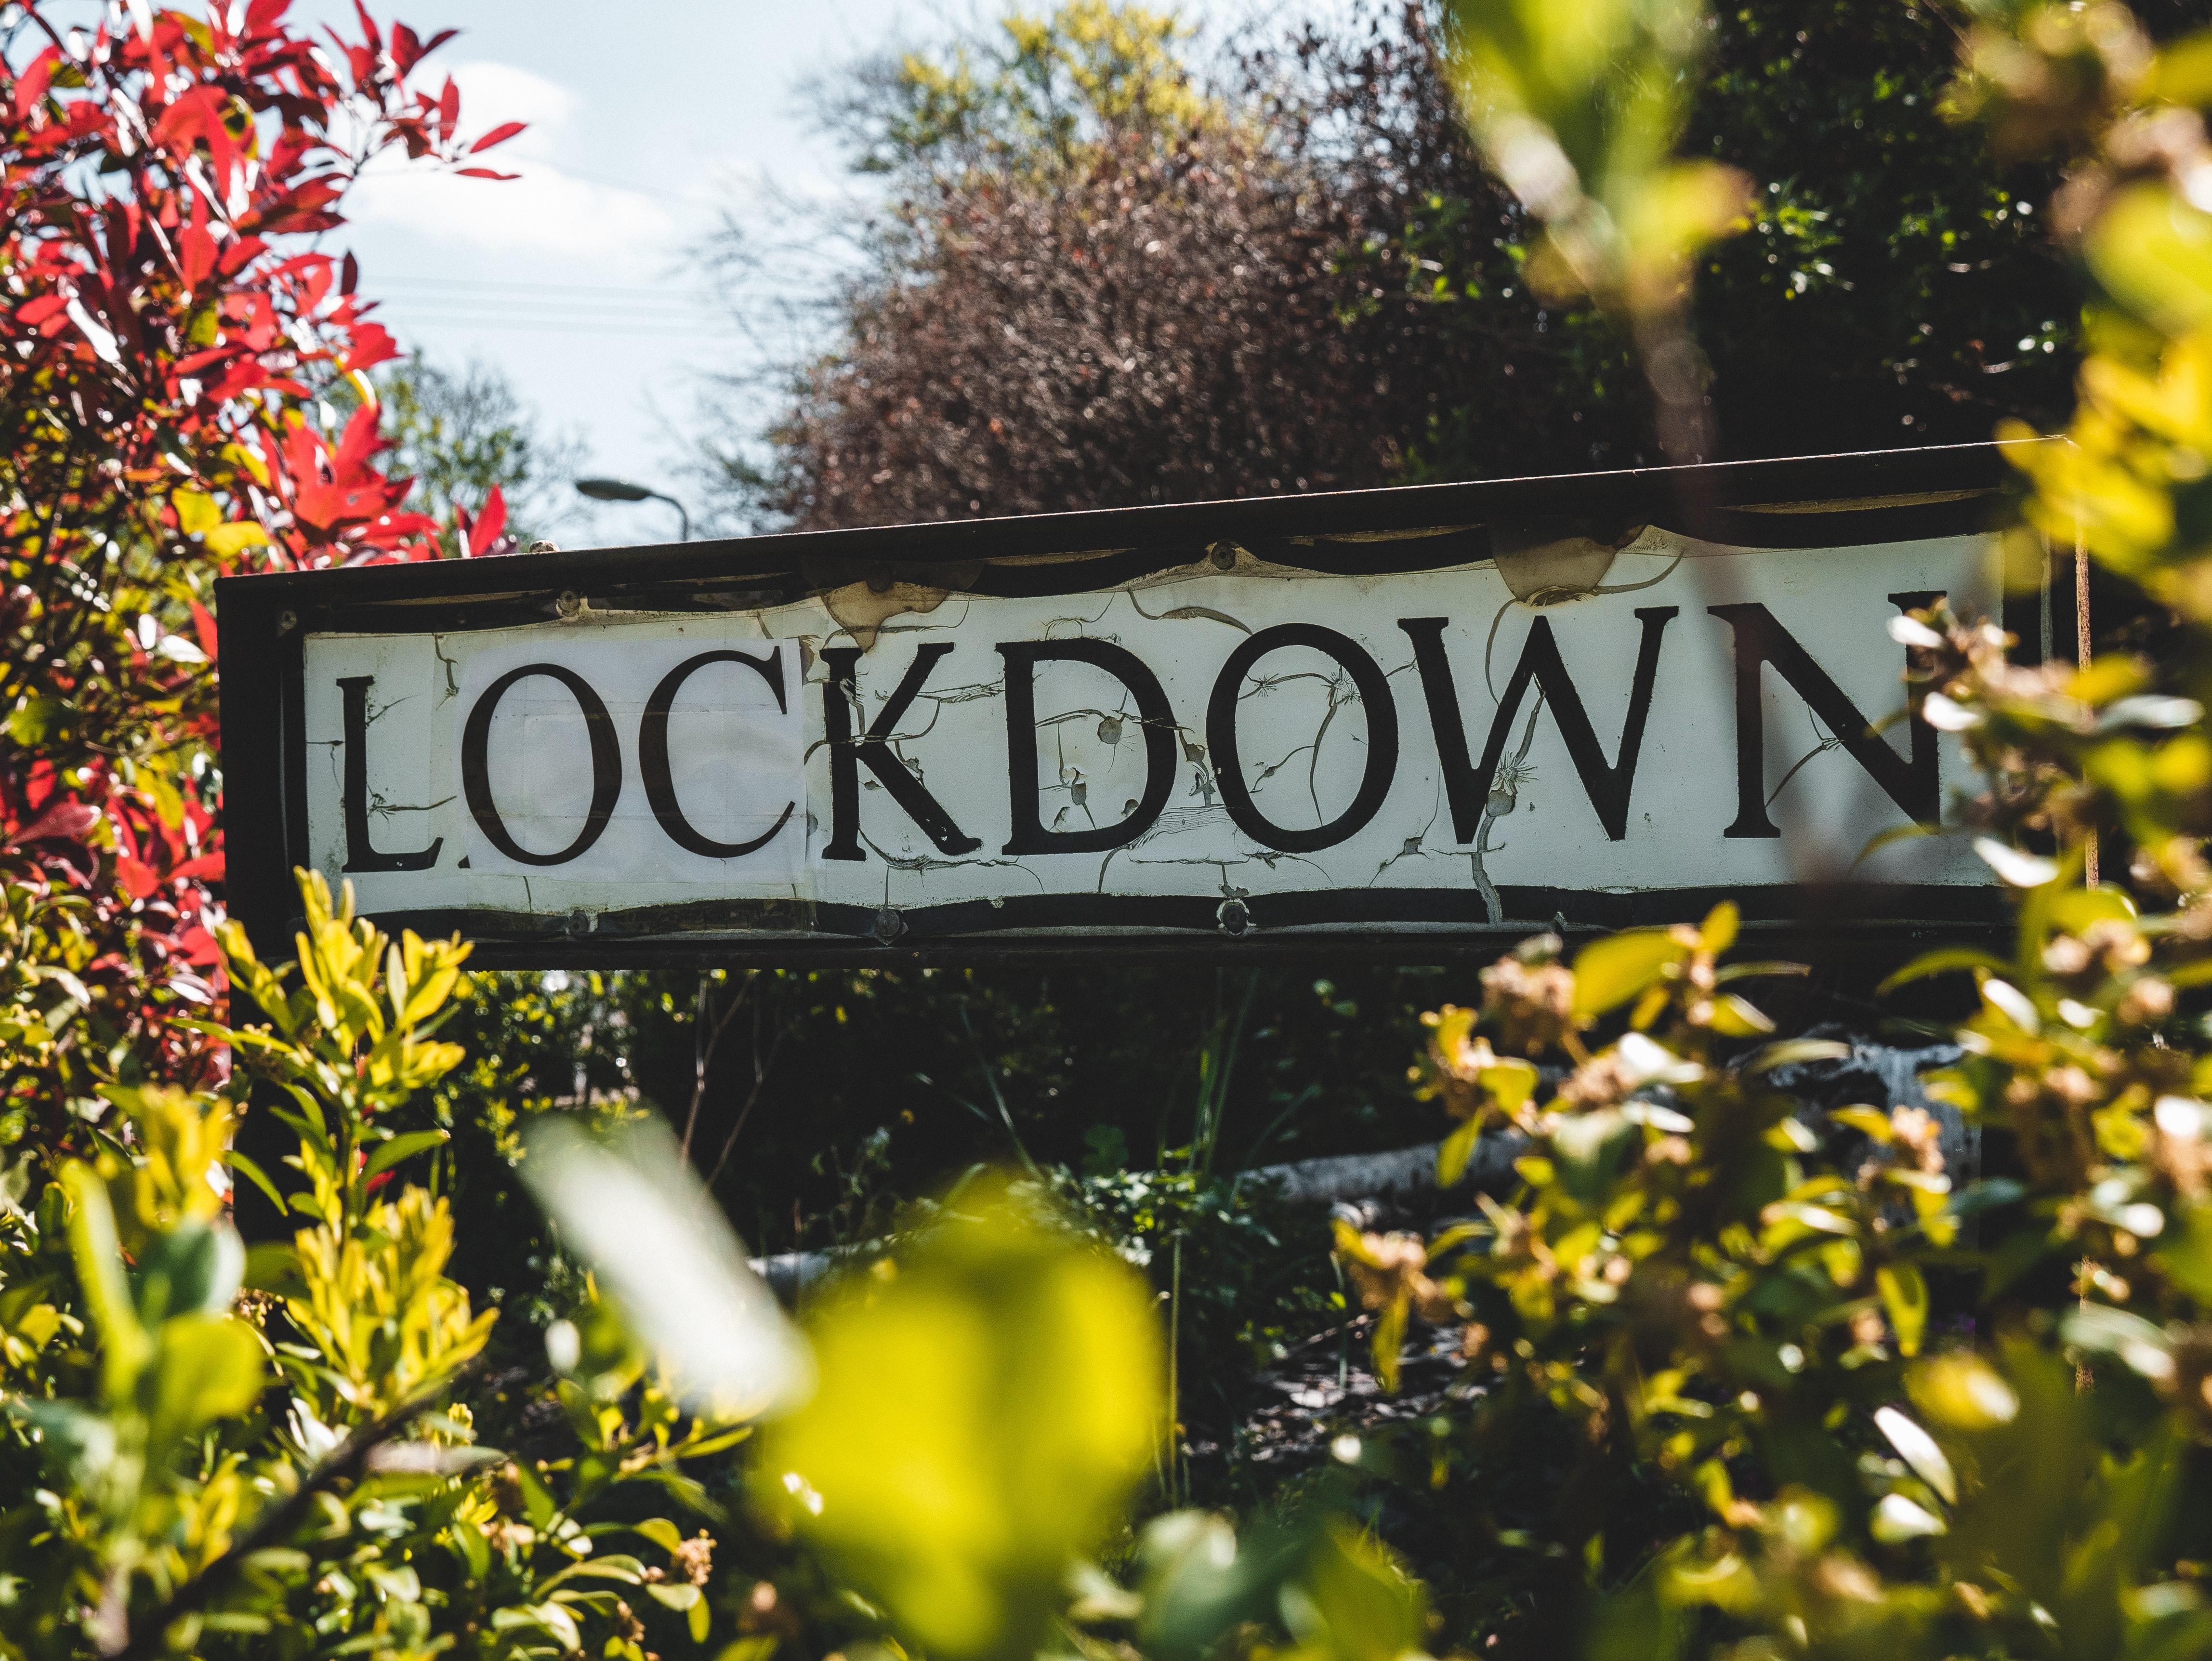 In campo nuove misure per supportare la riapertura delle aziende dopo il lockdown